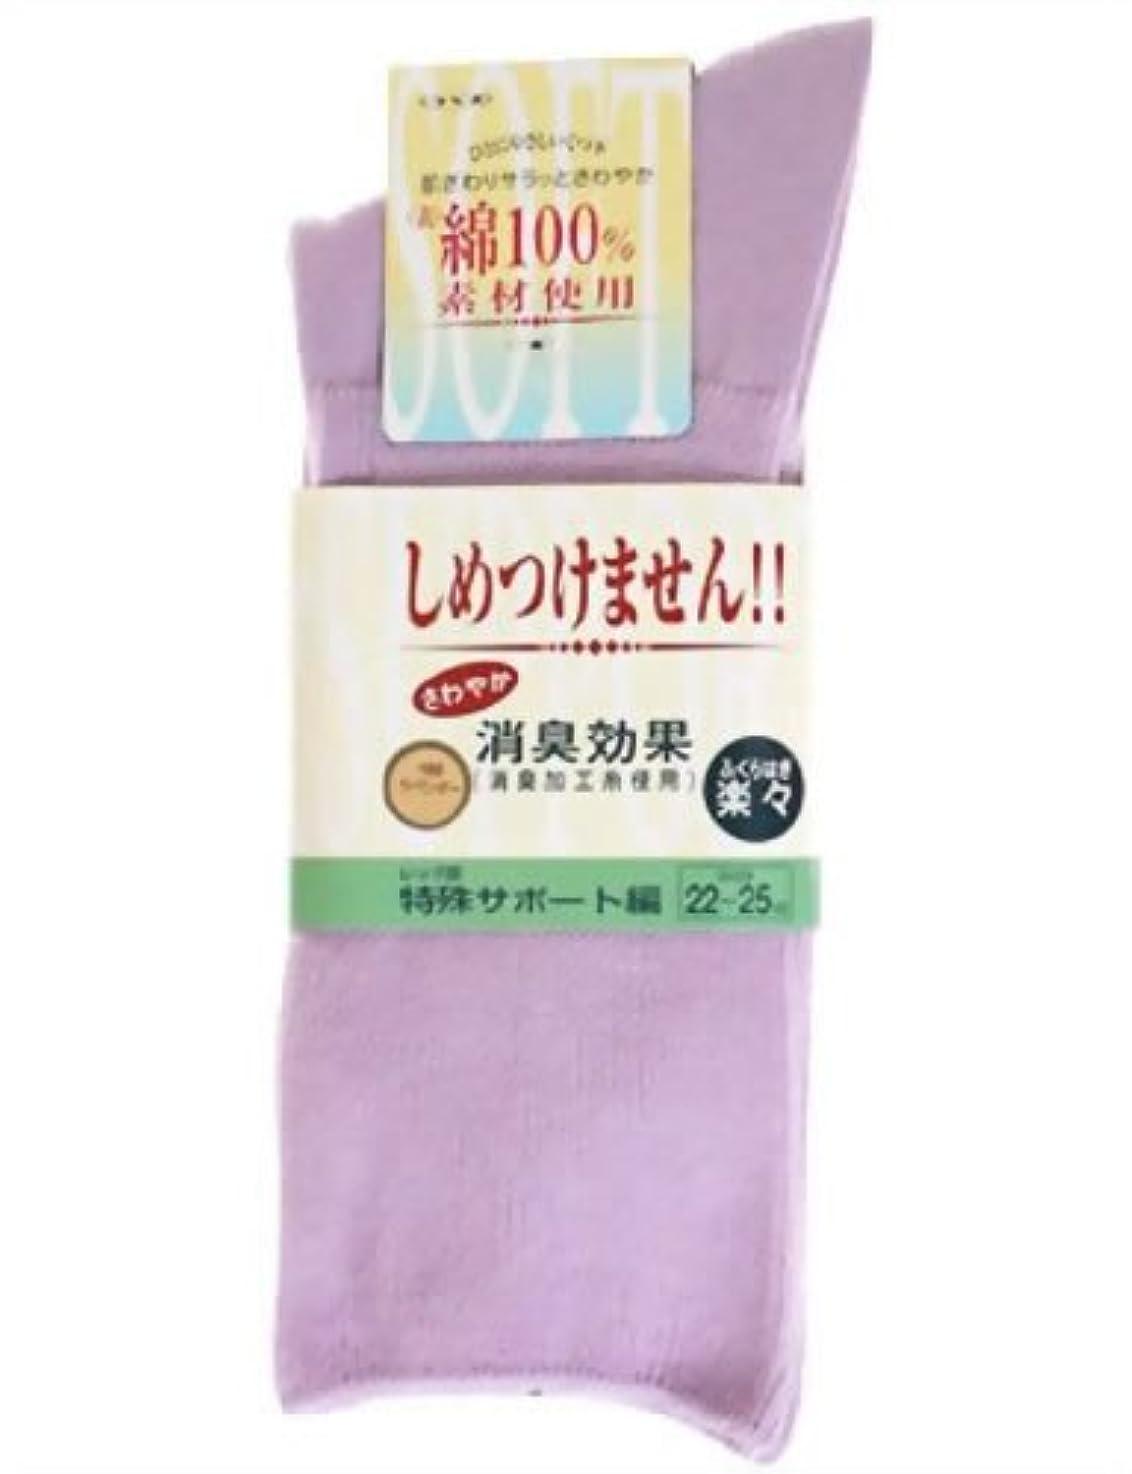 夕方福祉グリットふくらはぎ楽らくソックス 婦人 春夏用 ラベンダー /7-1633-06